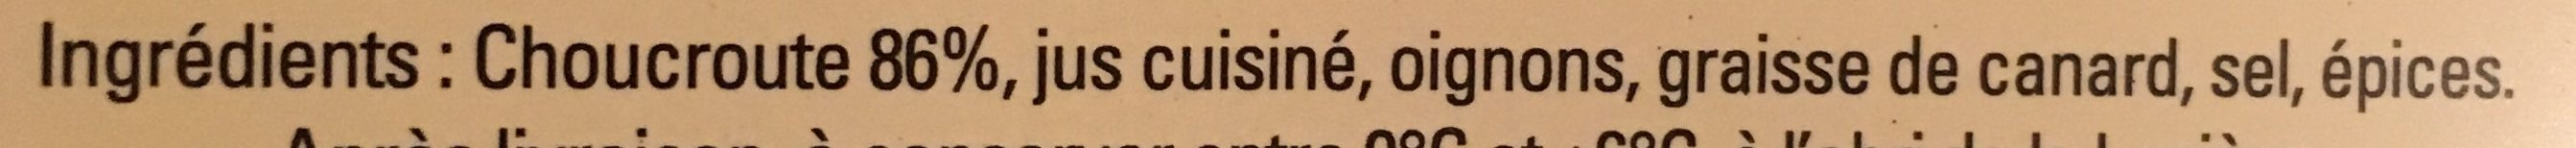 Choucroute Cuisinée - Ingredients